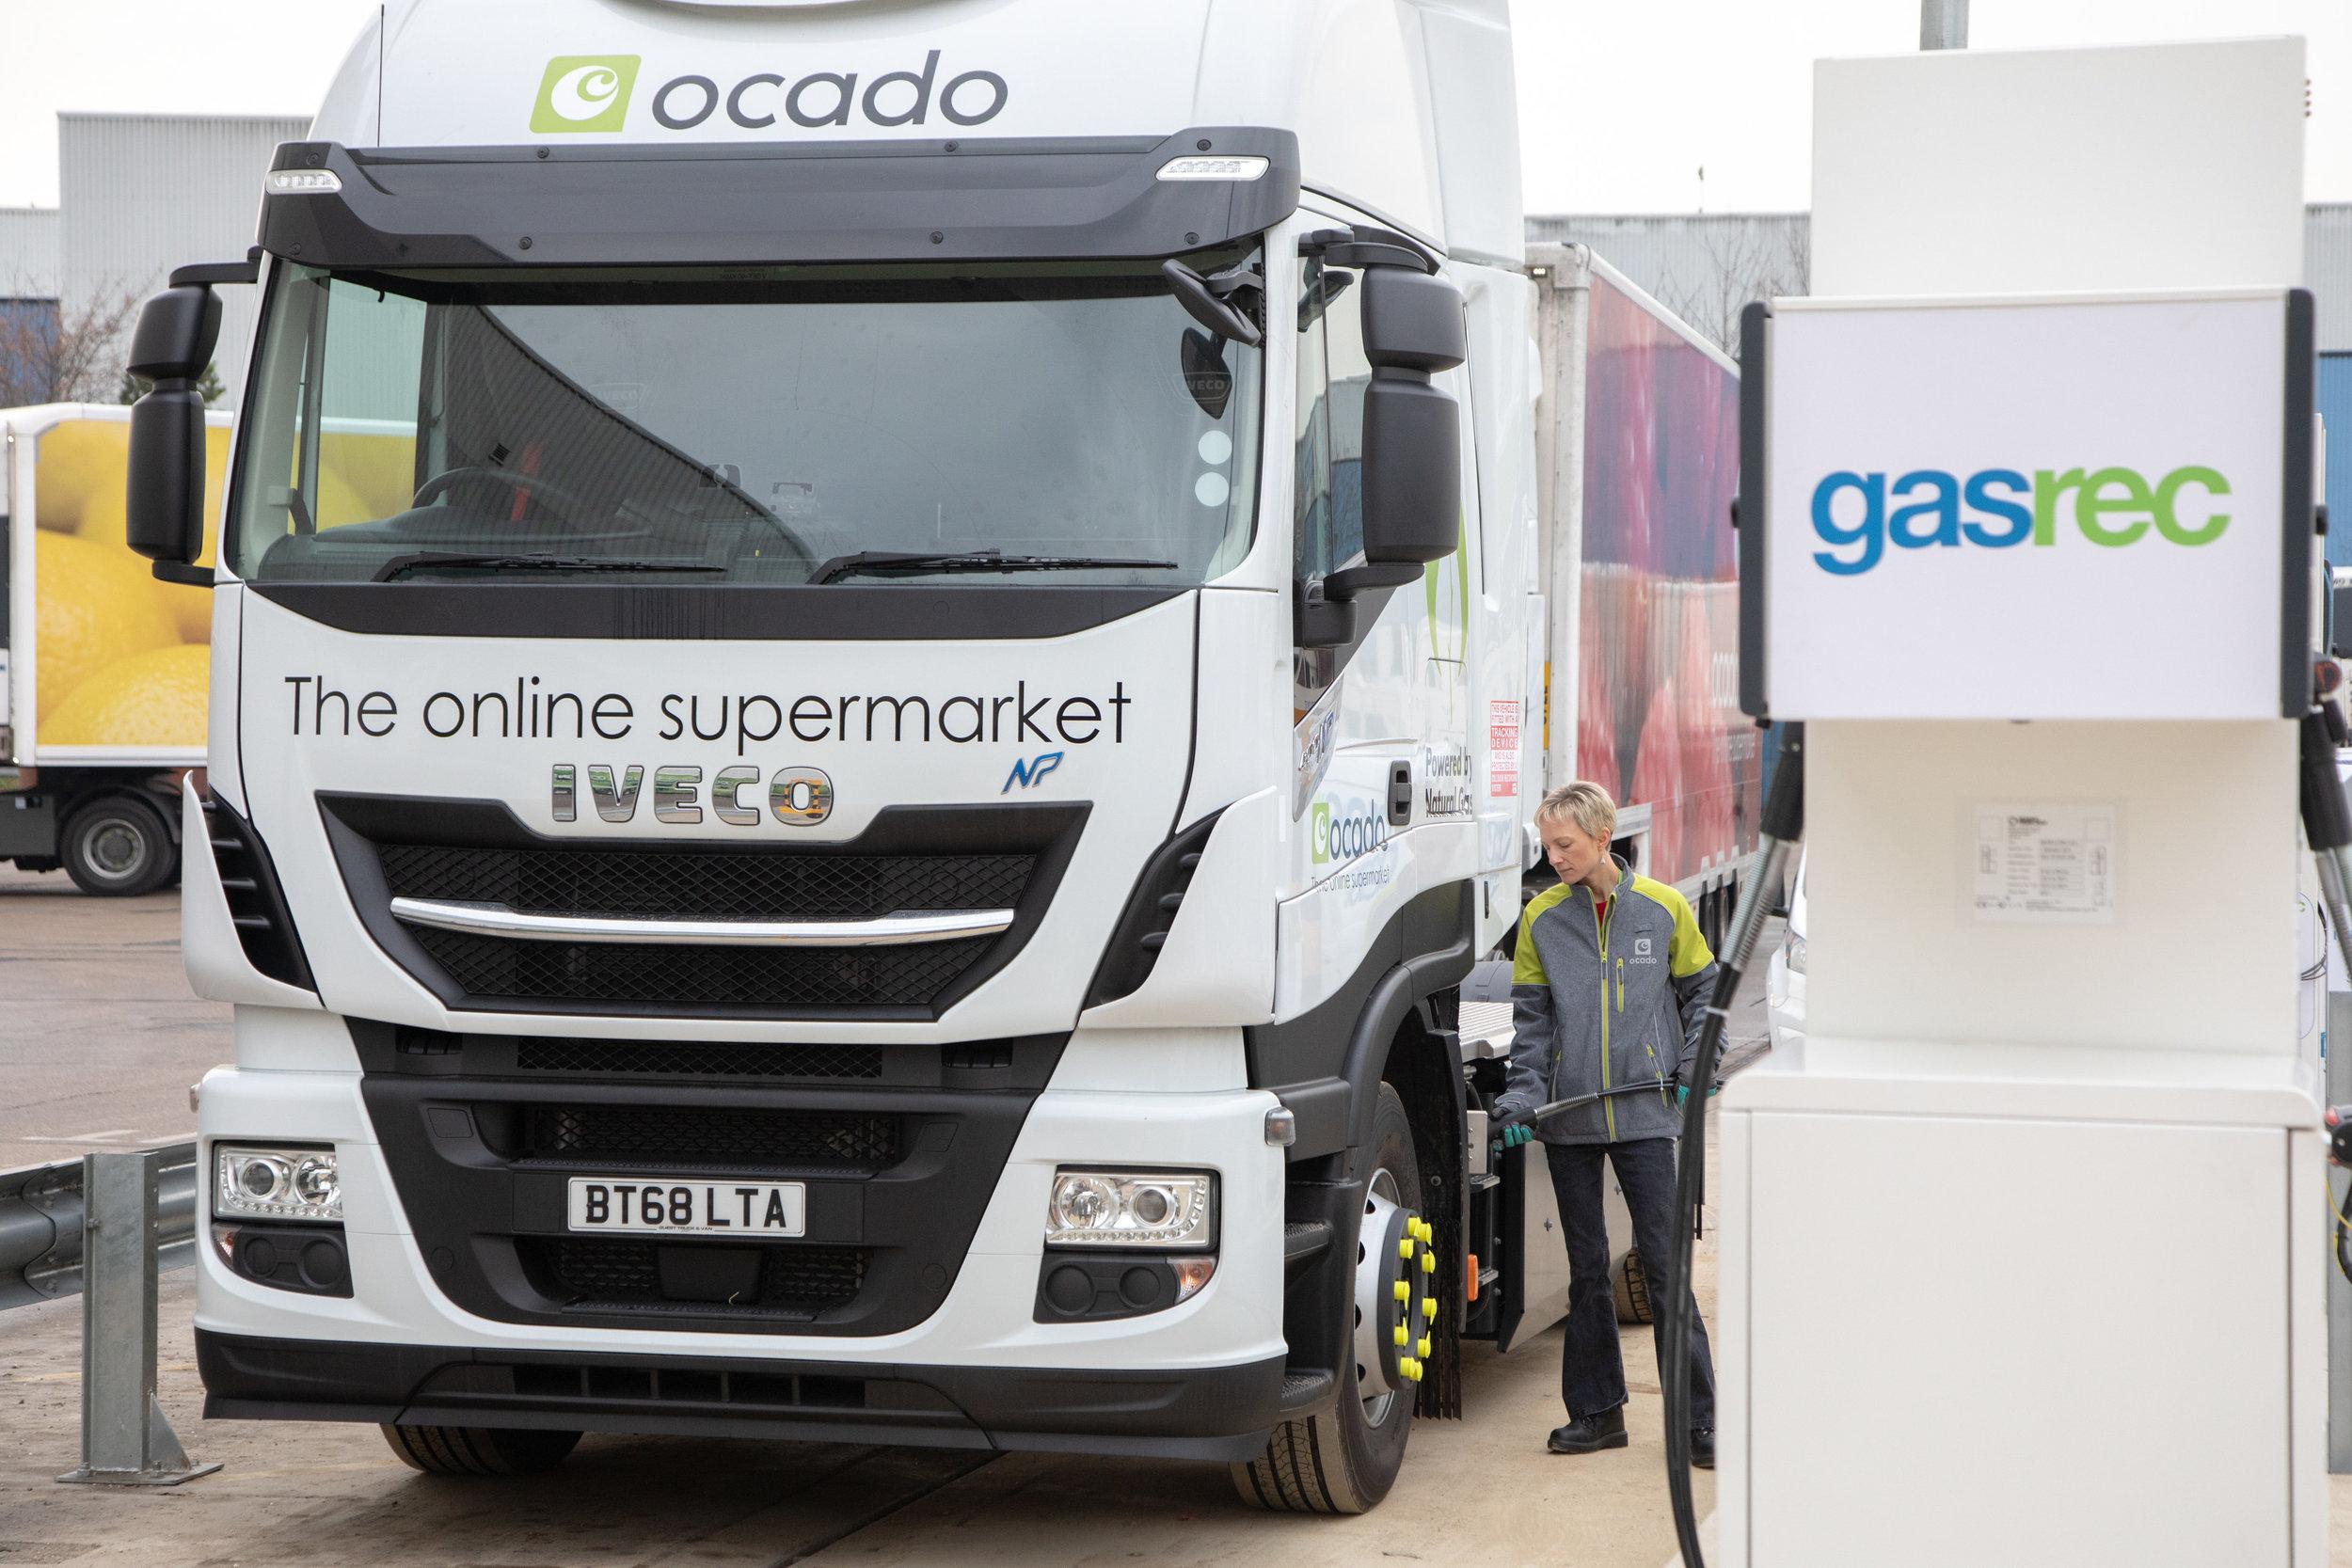 Ocado Natural Gas truck -30.jpg